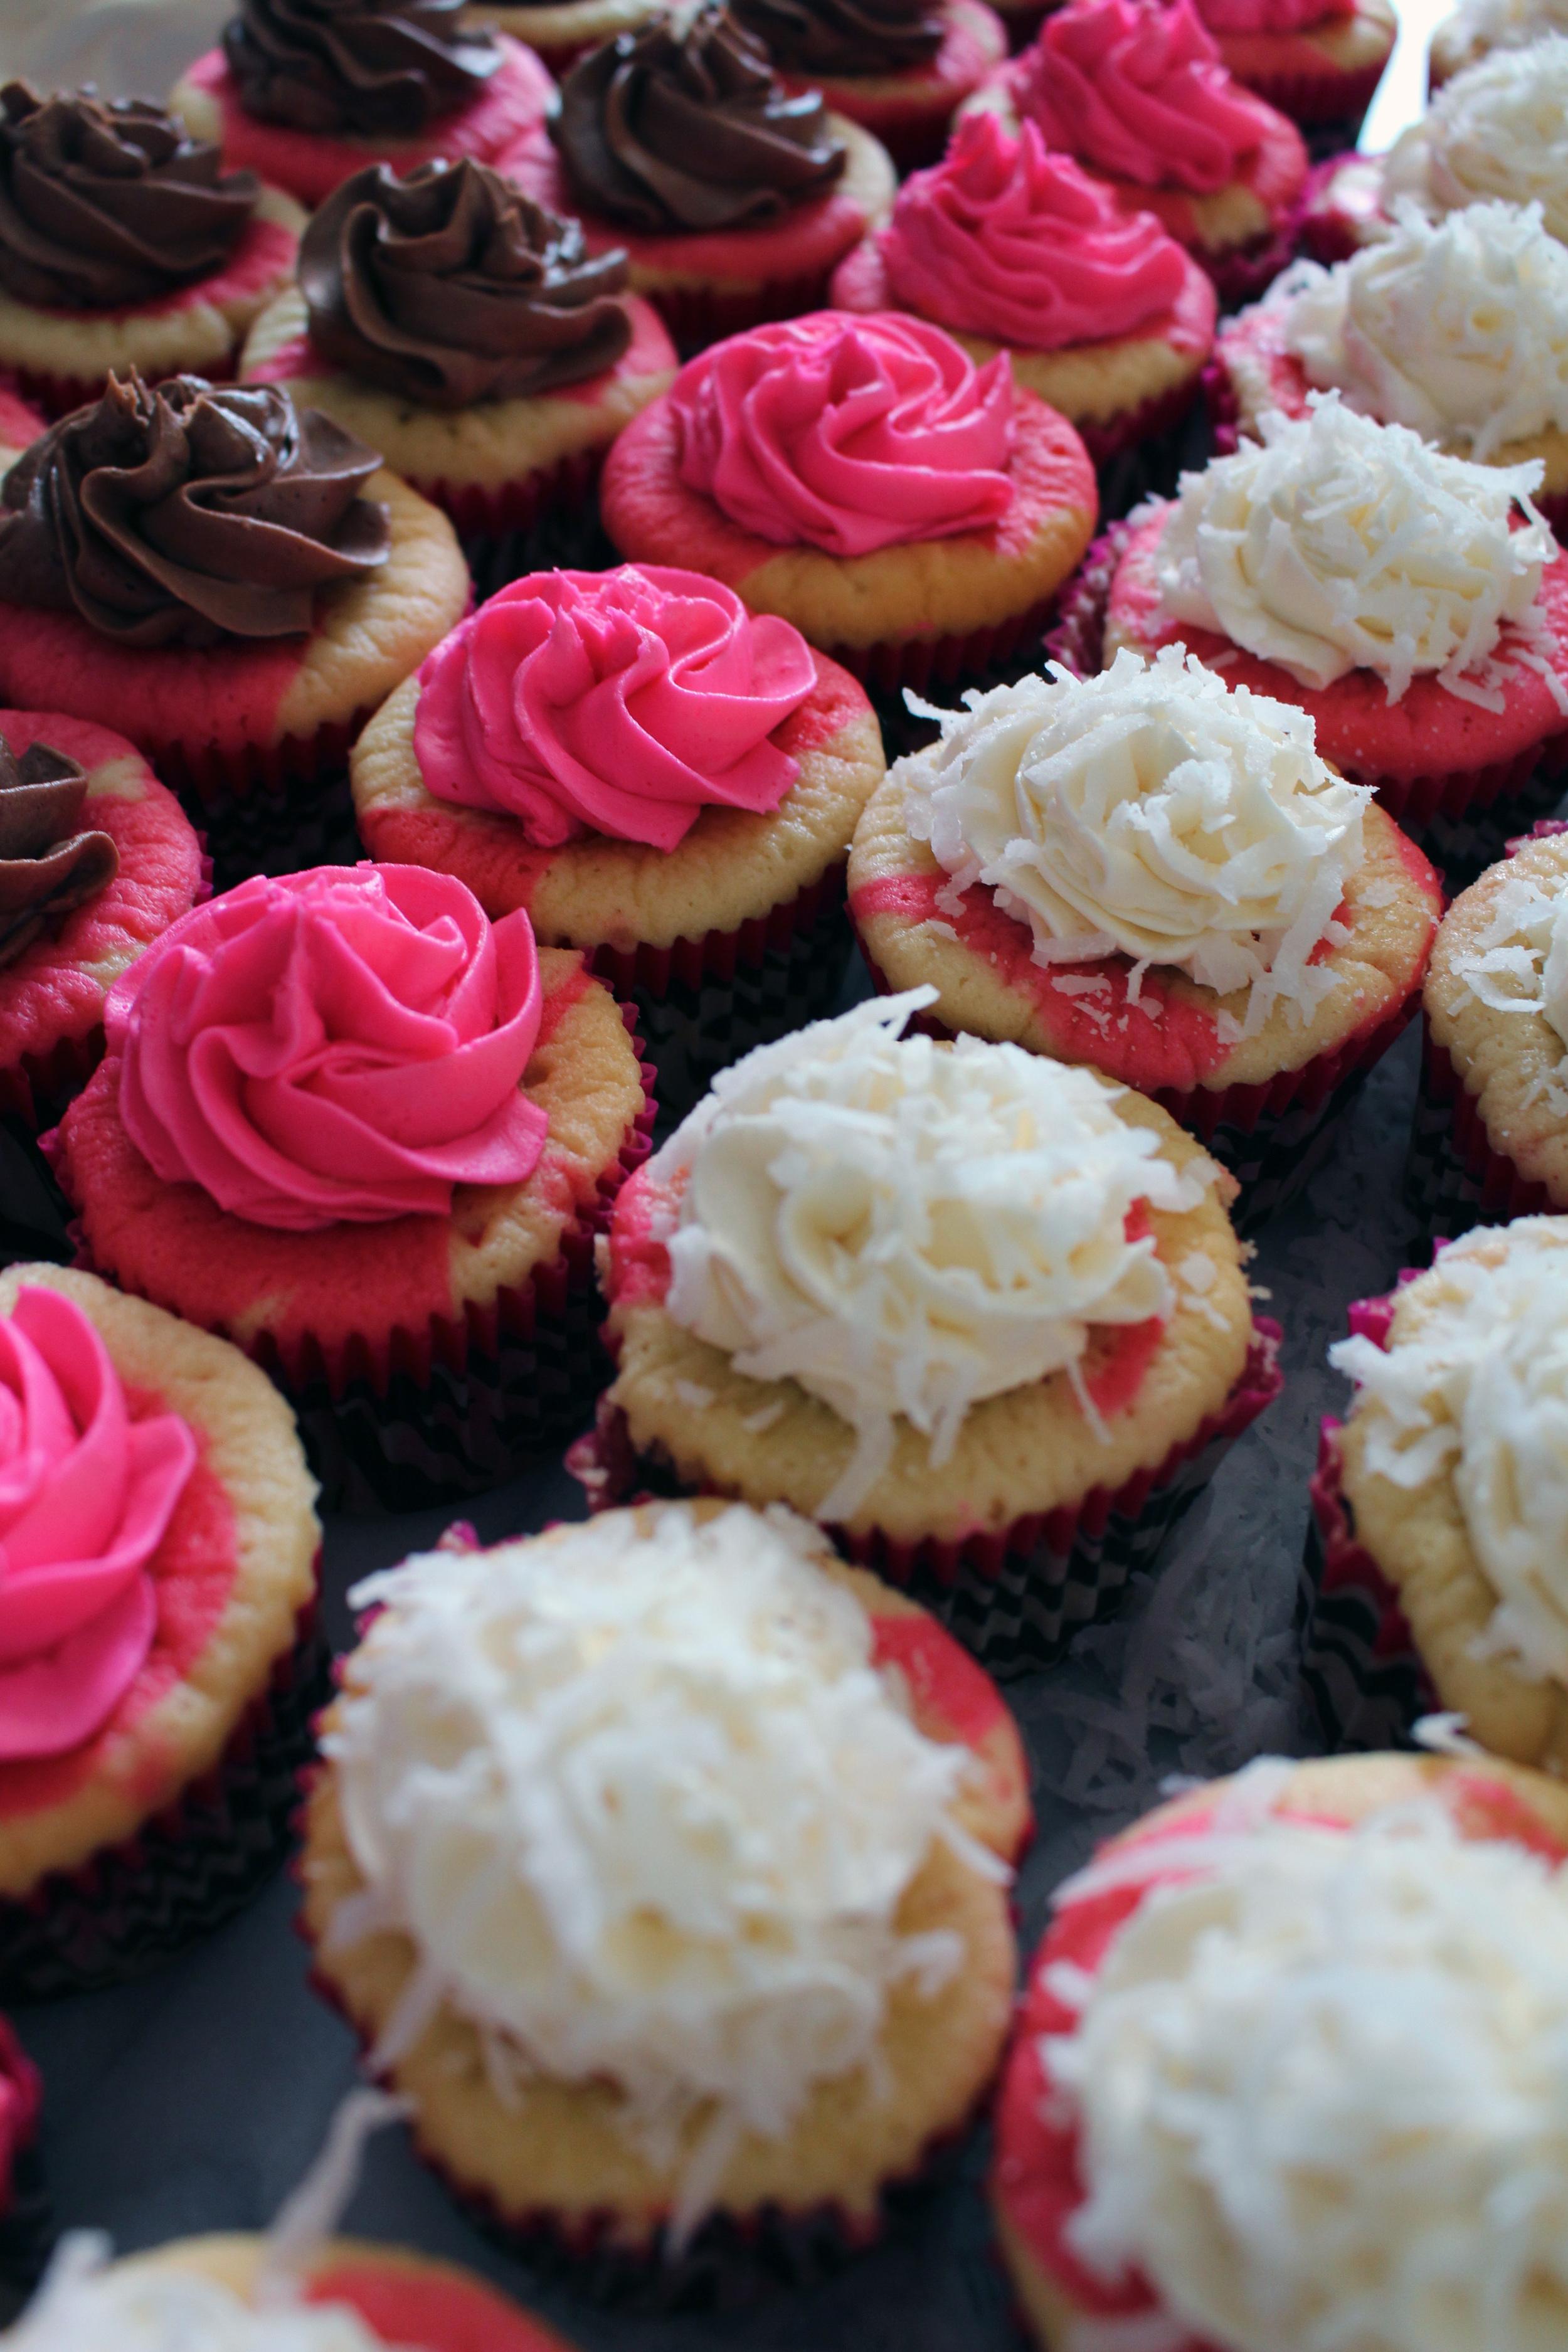 cupcakes iced.jpg